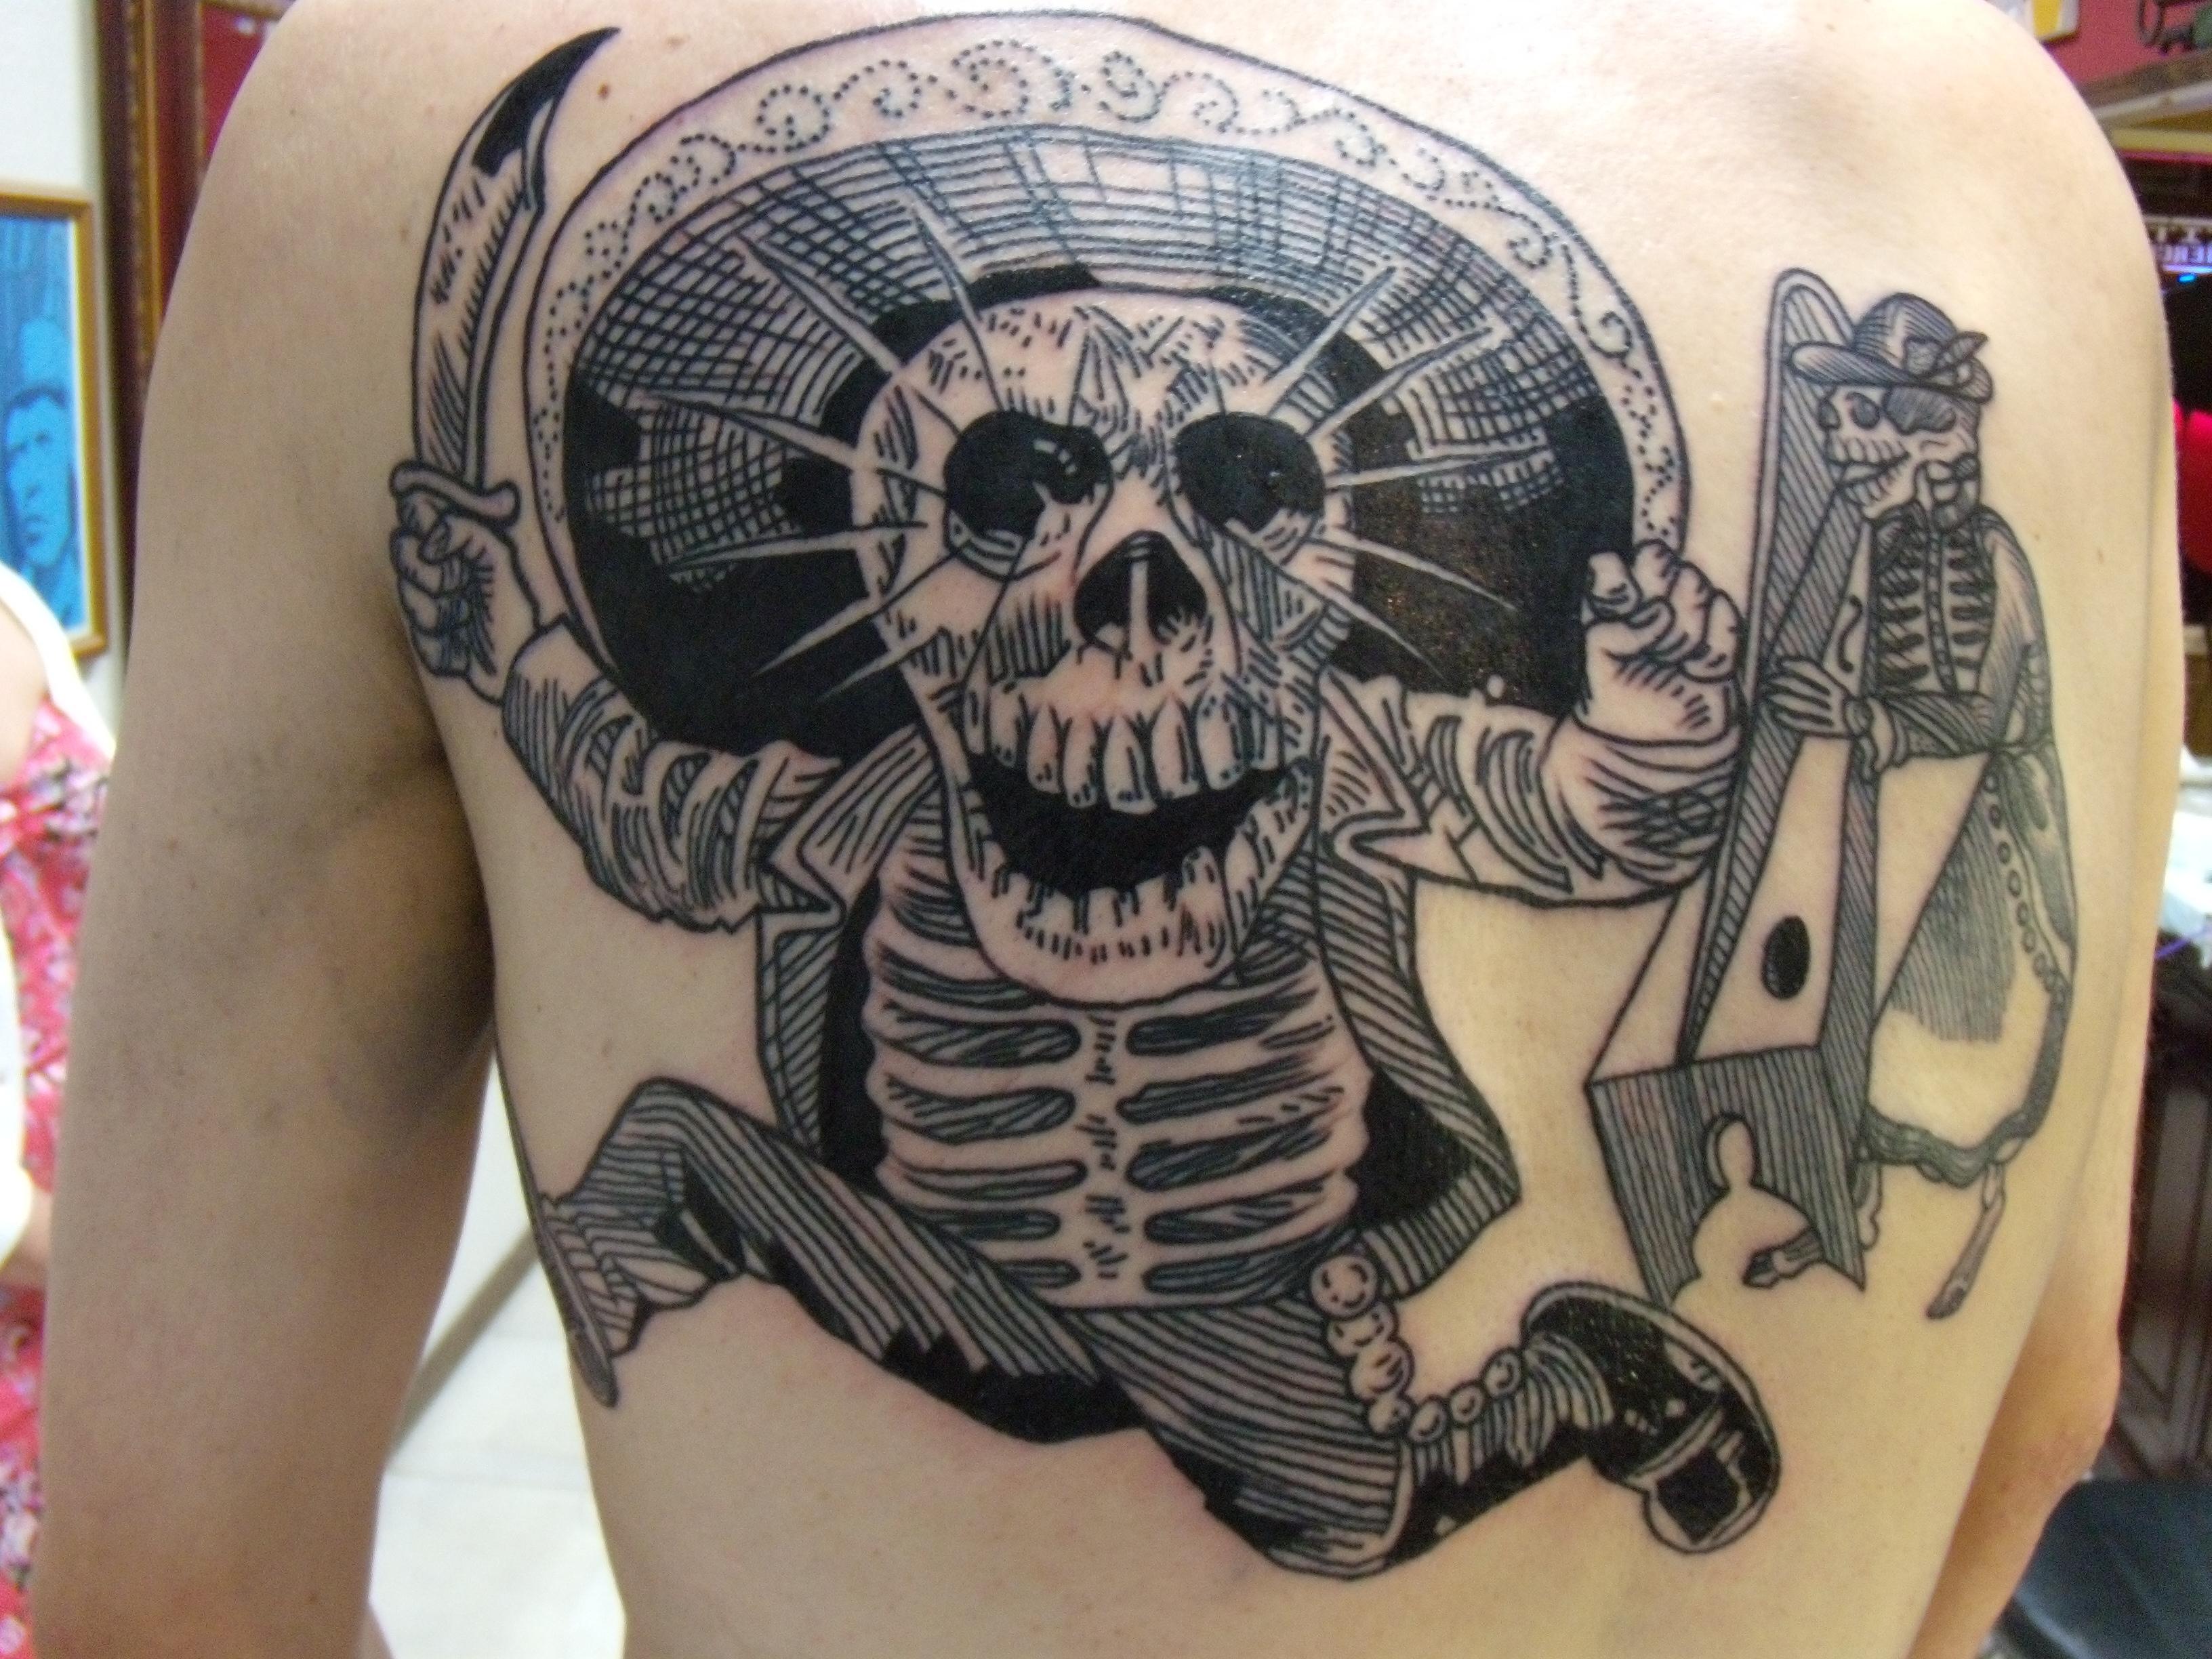 Tatuajes de la Naturaleza - Tatuajes para Hombres y Mujeres